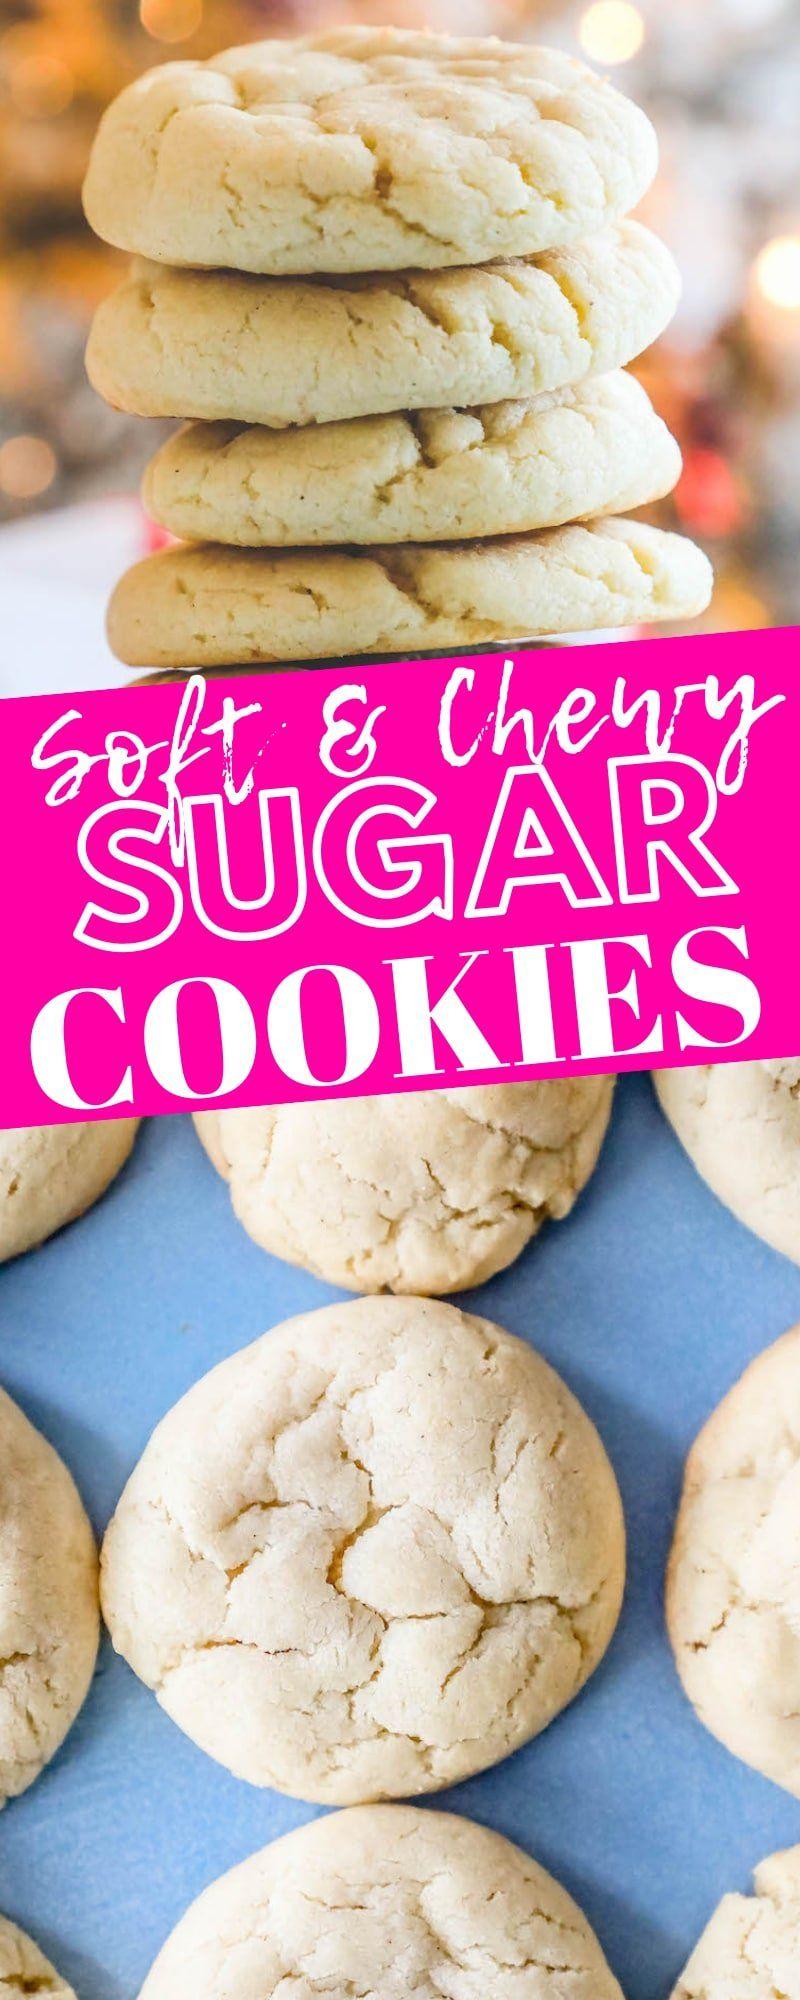 The Best Easy Chewy Sugar Cookies Ever Recipe - Sweet Cs Designs #cinnamonsugarcookies